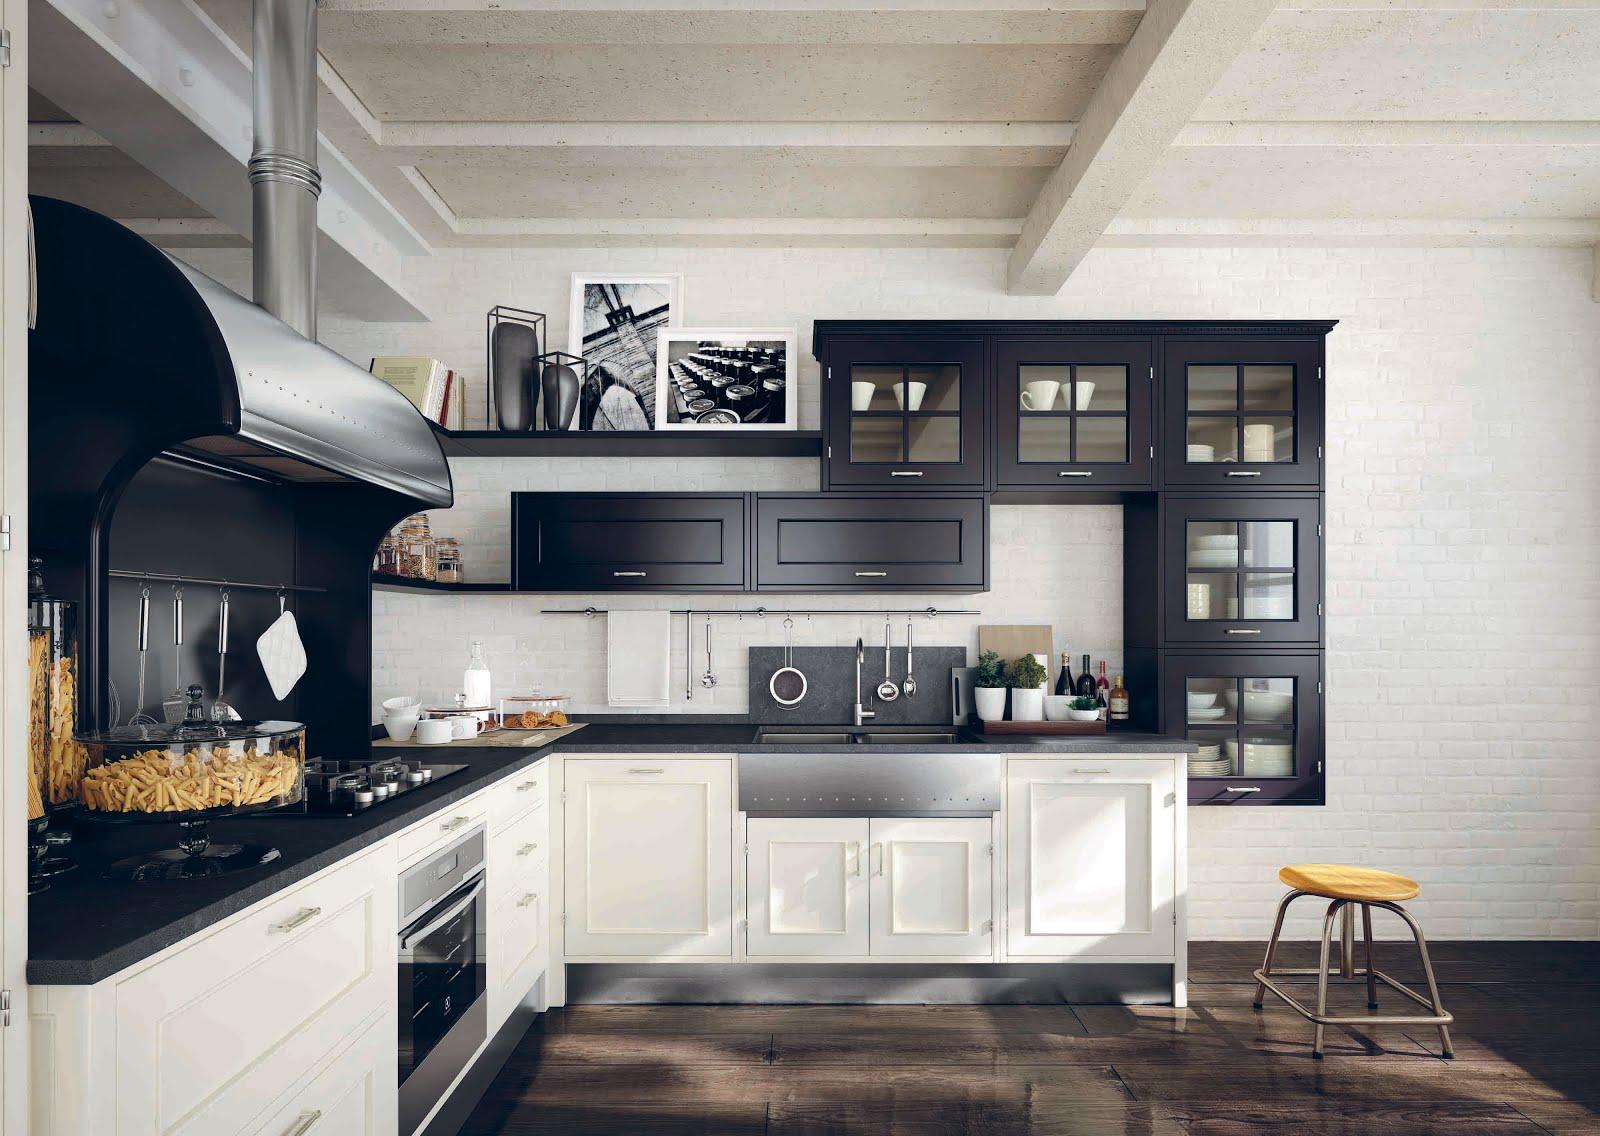 arredo e design marchi cucine montserrat con la finitura nera. Black Bedroom Furniture Sets. Home Design Ideas